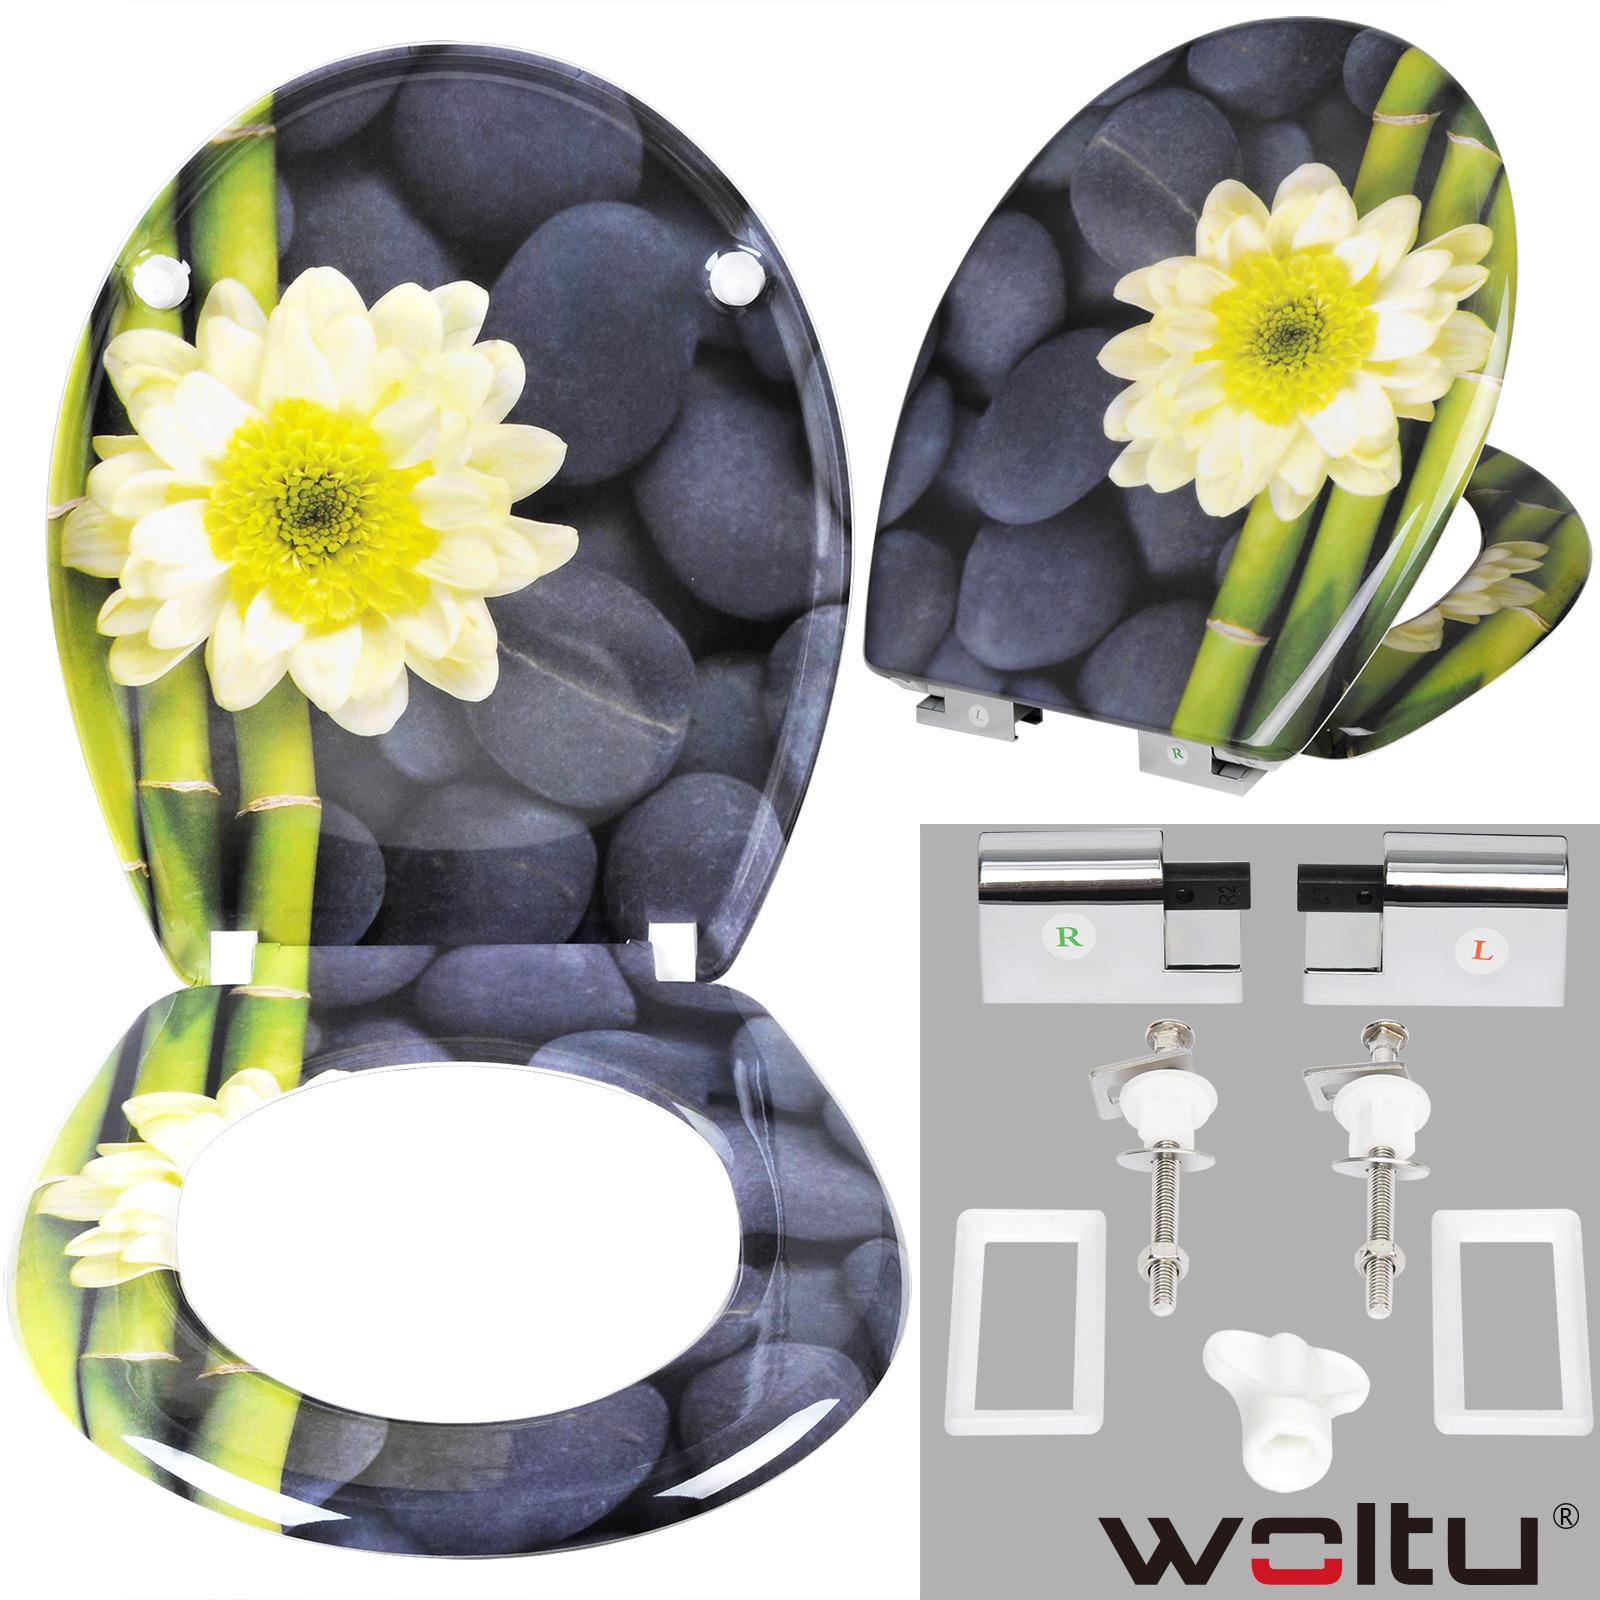 toilettensitz toilettendeckel wc sitz softclose wc deckel klodeckel blumen 164 ebay. Black Bedroom Furniture Sets. Home Design Ideas